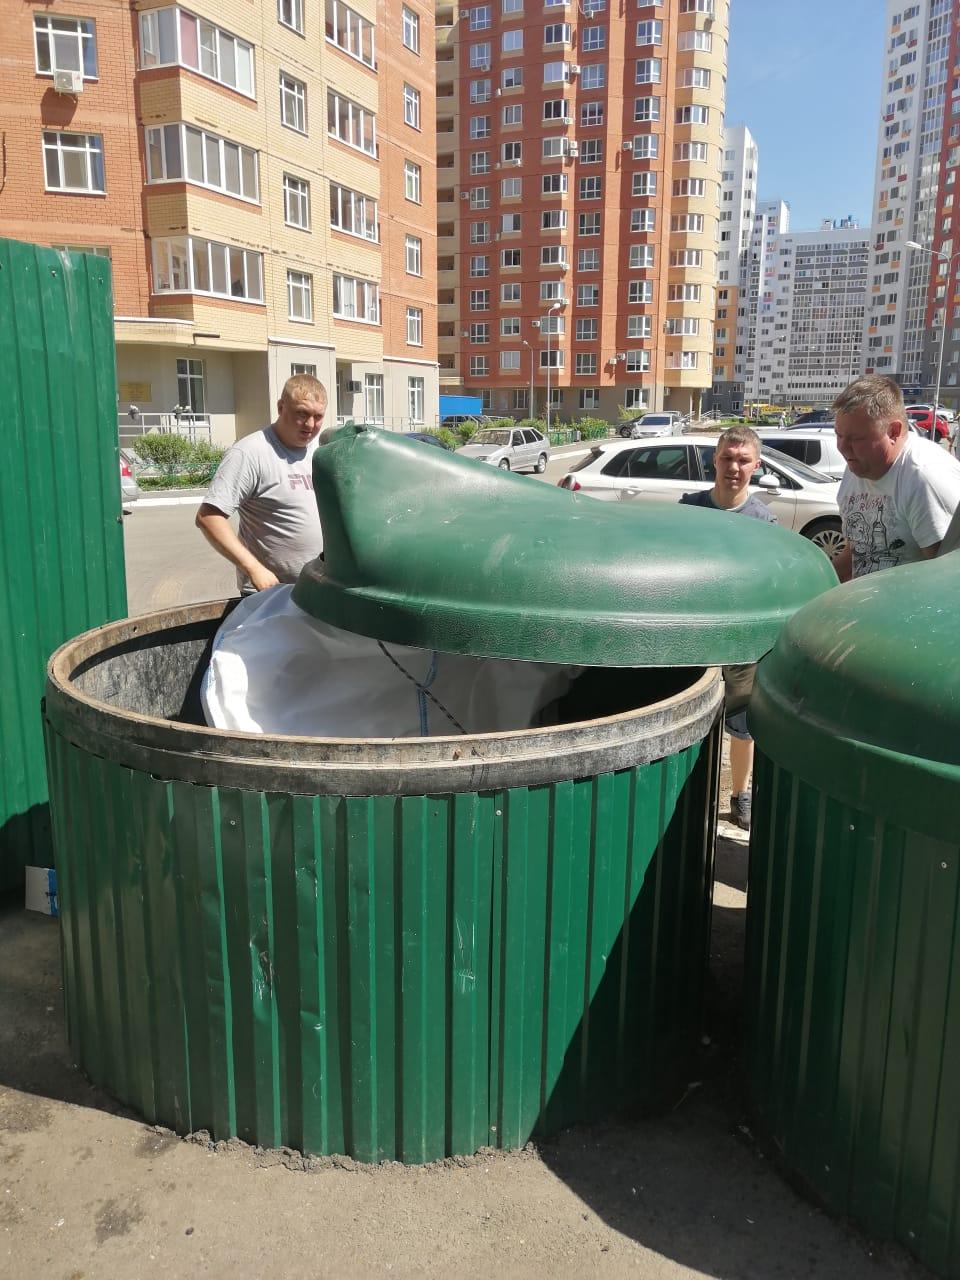 Поляничко 4/1 замена мешка в 2 мусорных баках